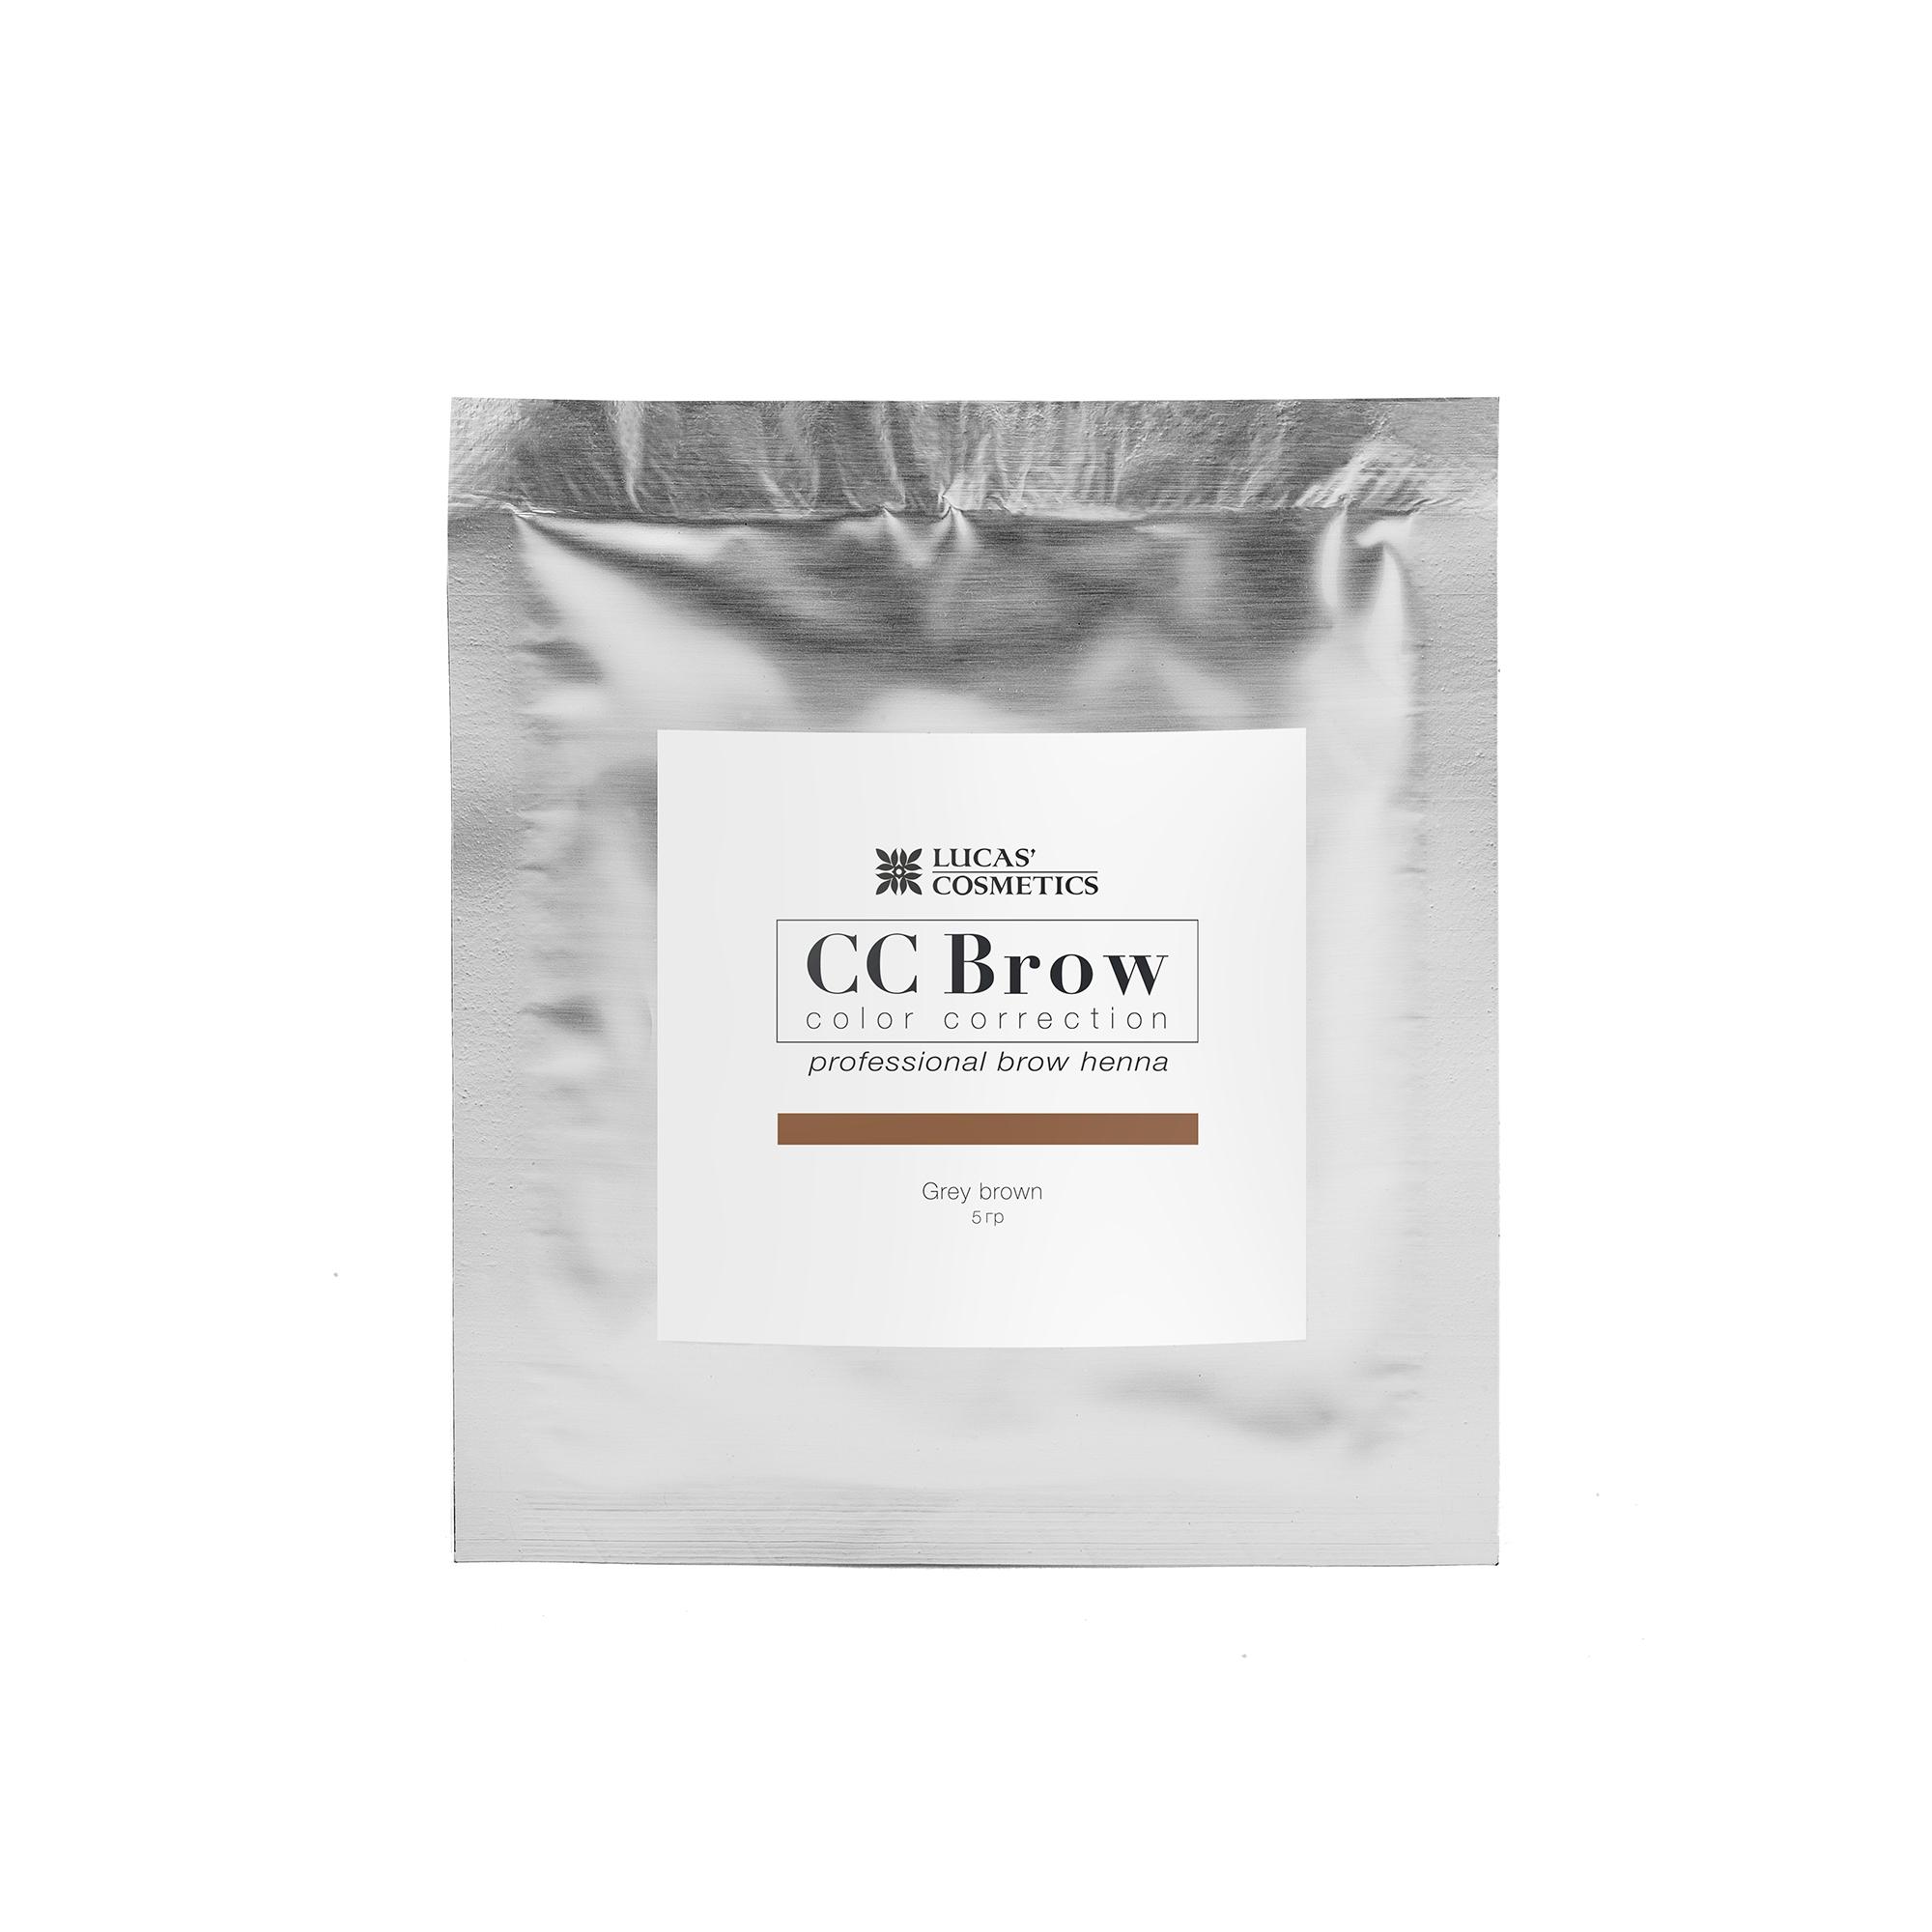 LUCAS' COSMETICS Хна для бровей, серо-коричневый (в саше) / CC Brow grey brown 5 г - Хна для бровей